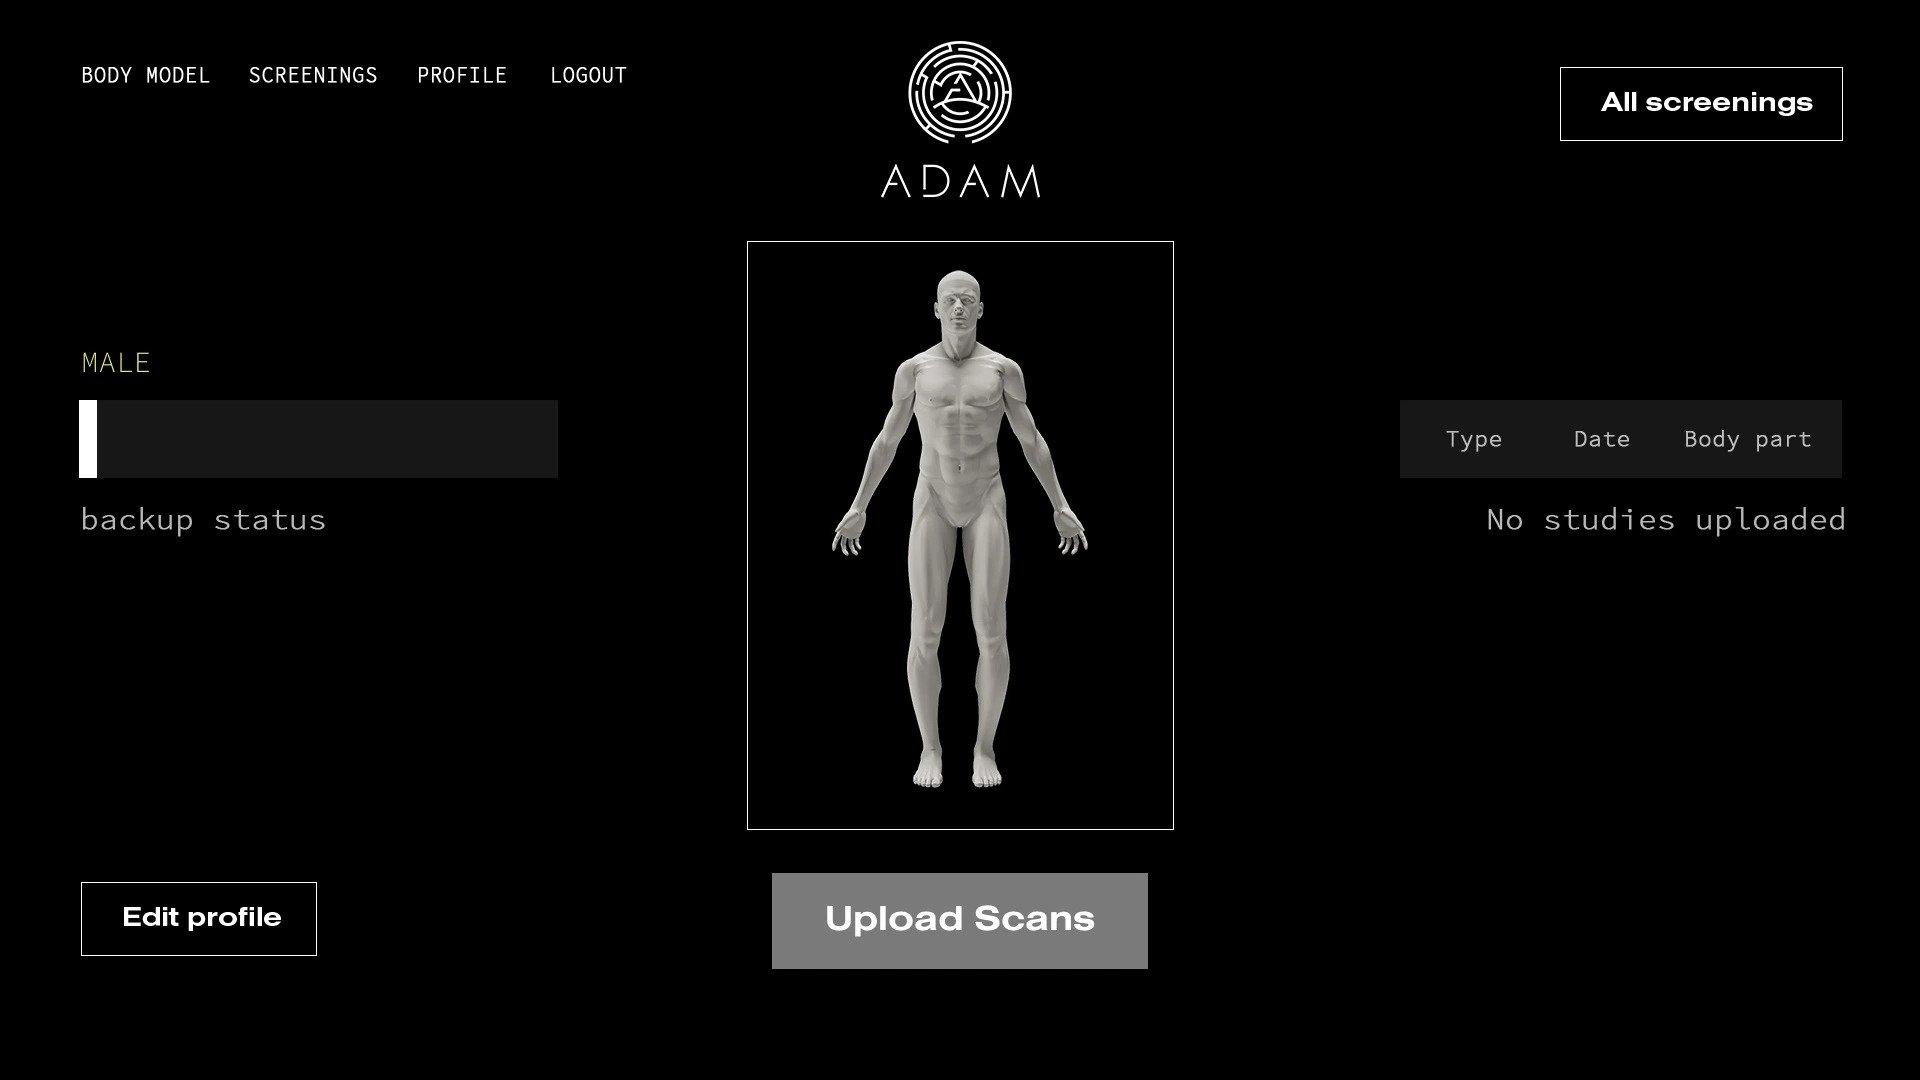 A.D.A.M.'s digital scan platform. Image via A.D.A.M.